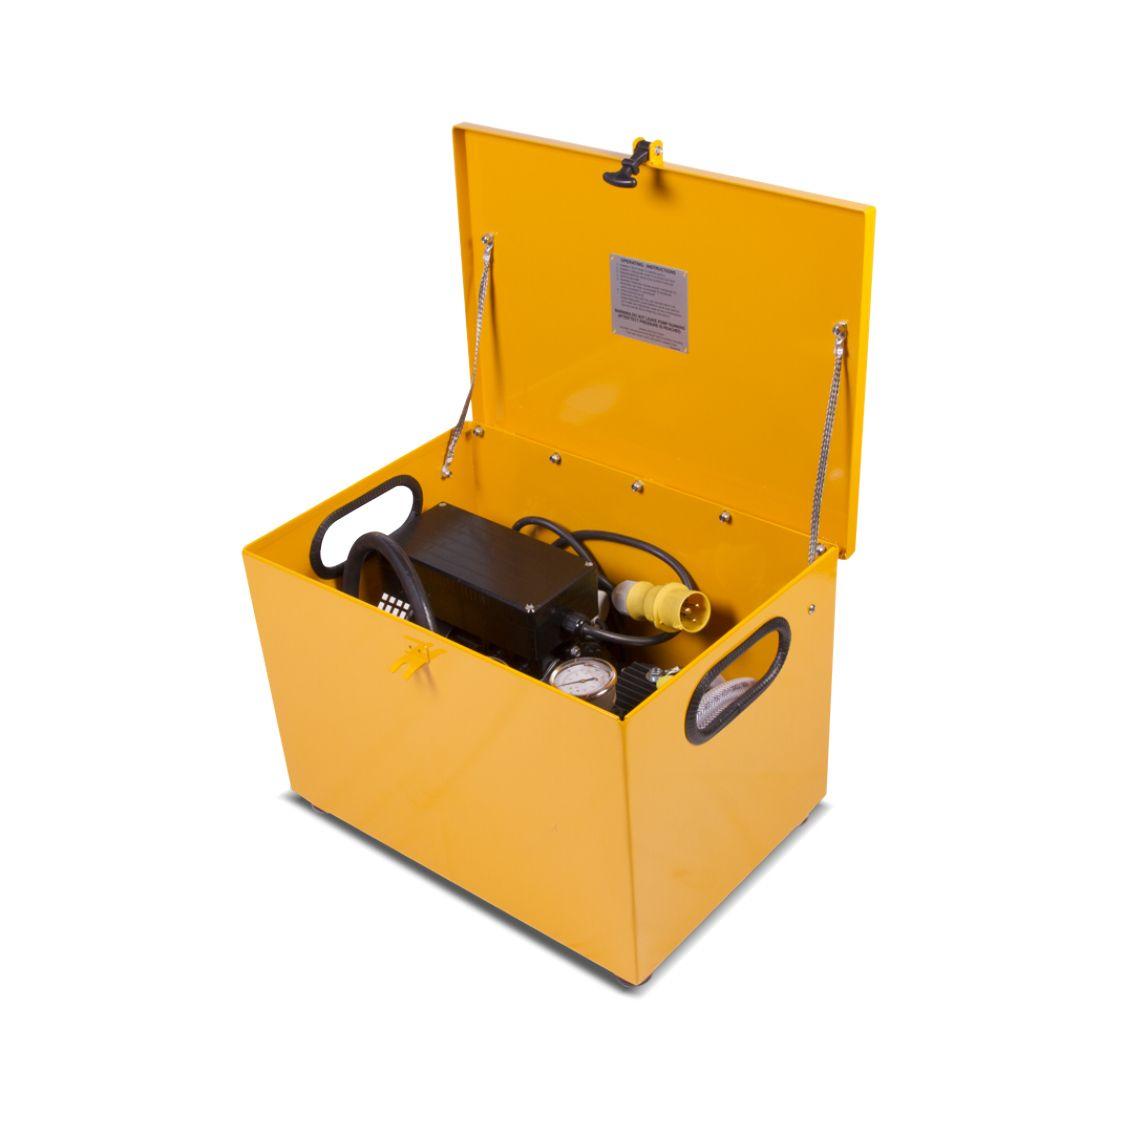 Hilta Pressure Tester 1500E Boxed